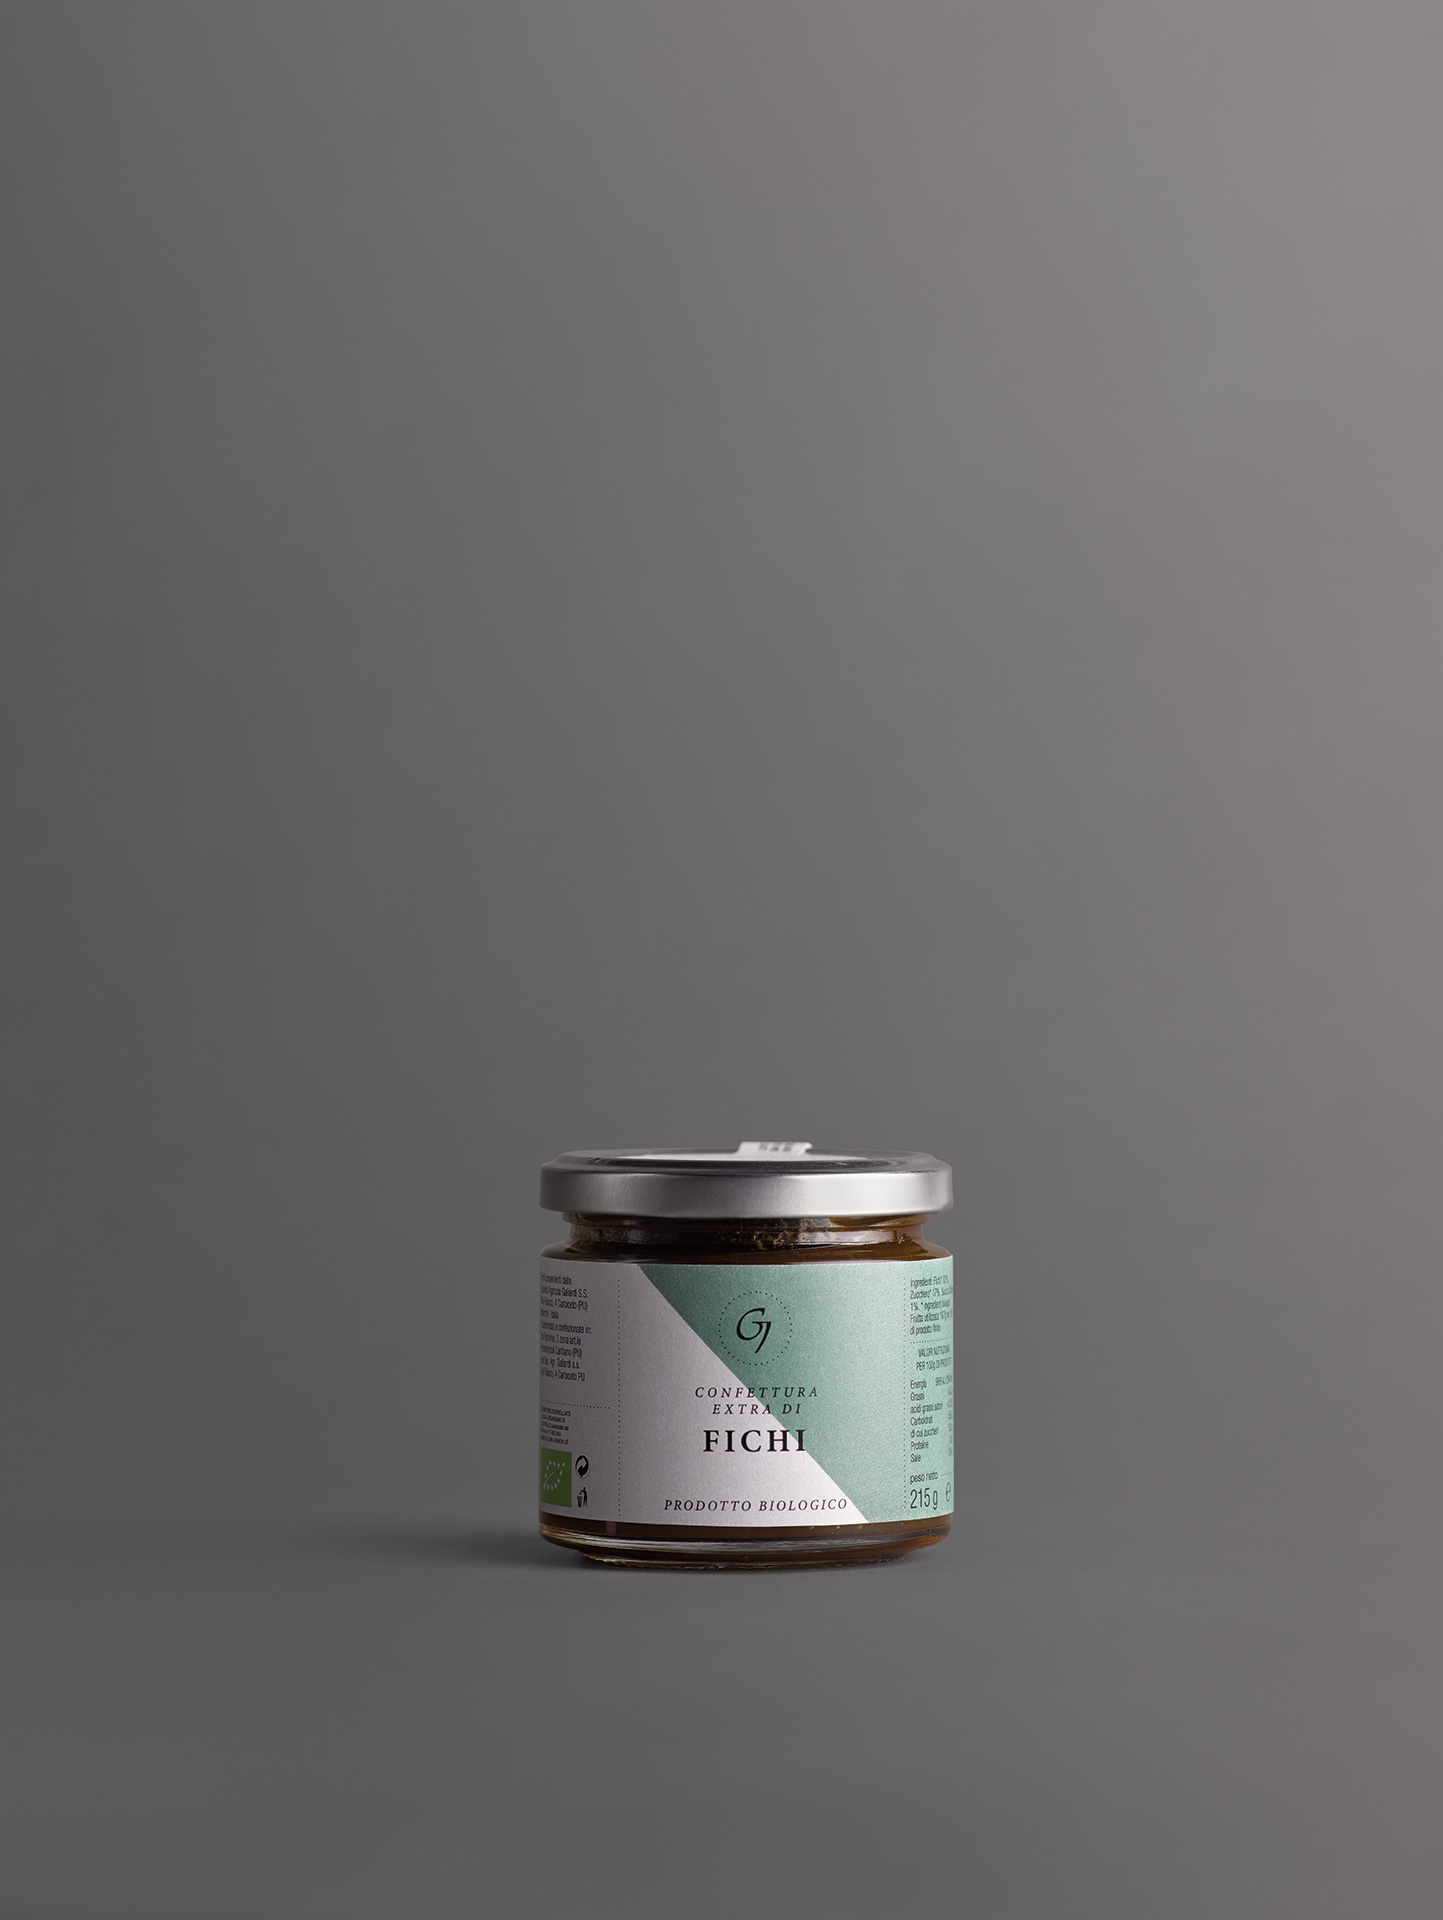 GALIARDI – Azienda Agricola Cartoceto – Fichi Confettura Extra